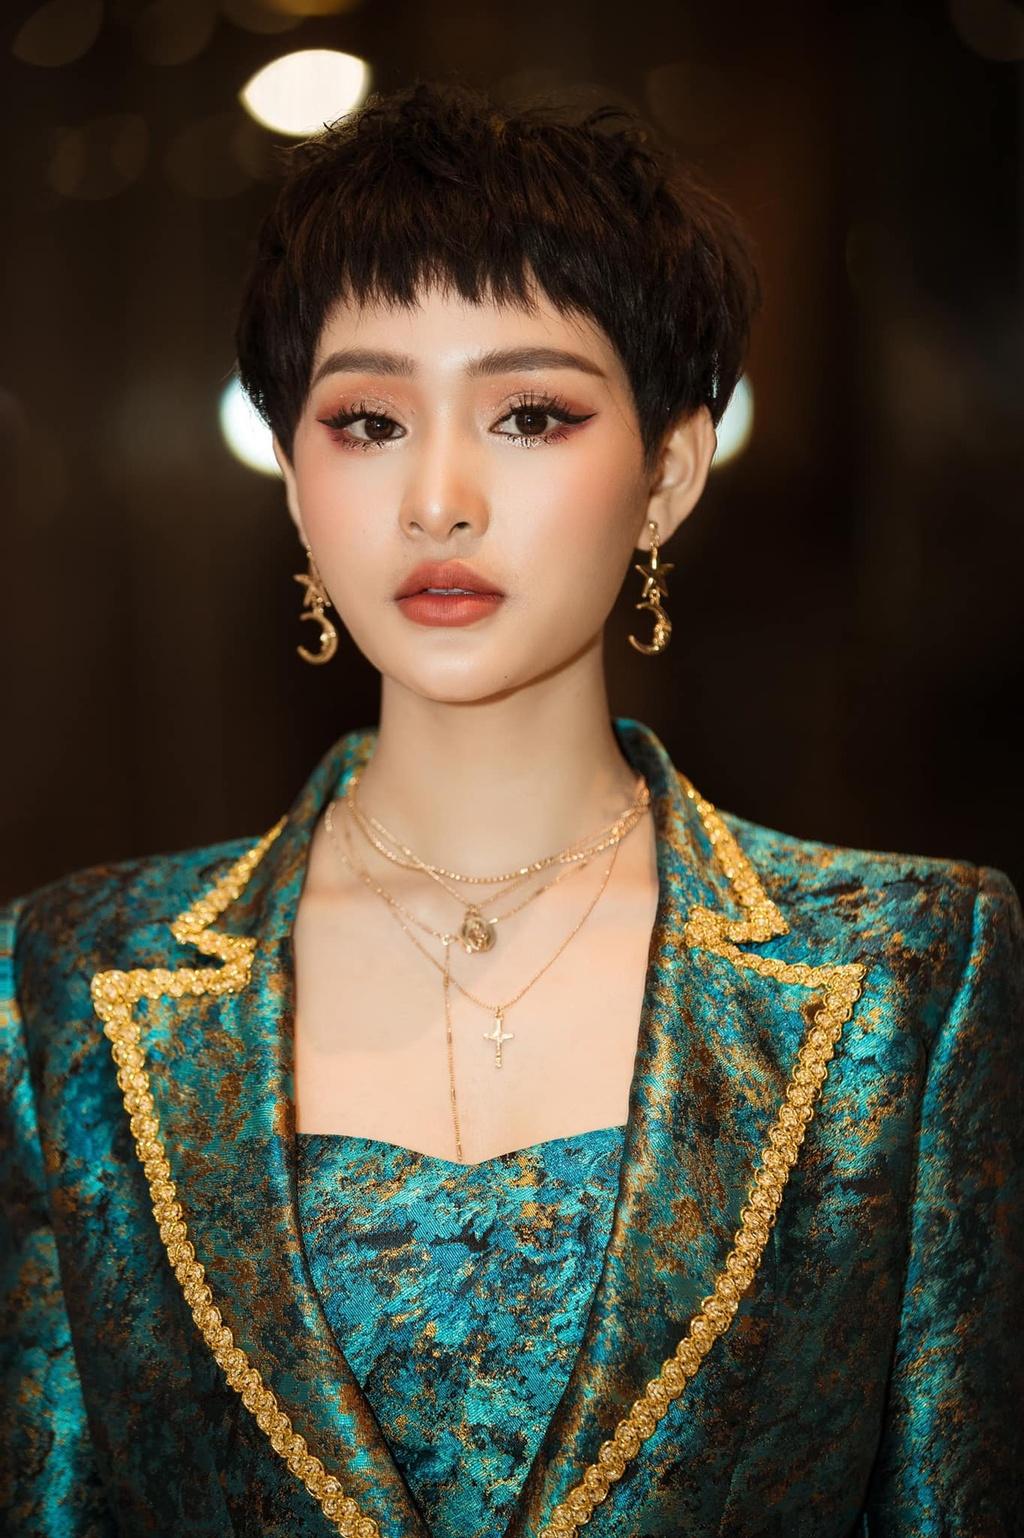 Hien Ho - guong mat gay tranh cai thanh ca si moi an tuong nhat nam hinh anh 3